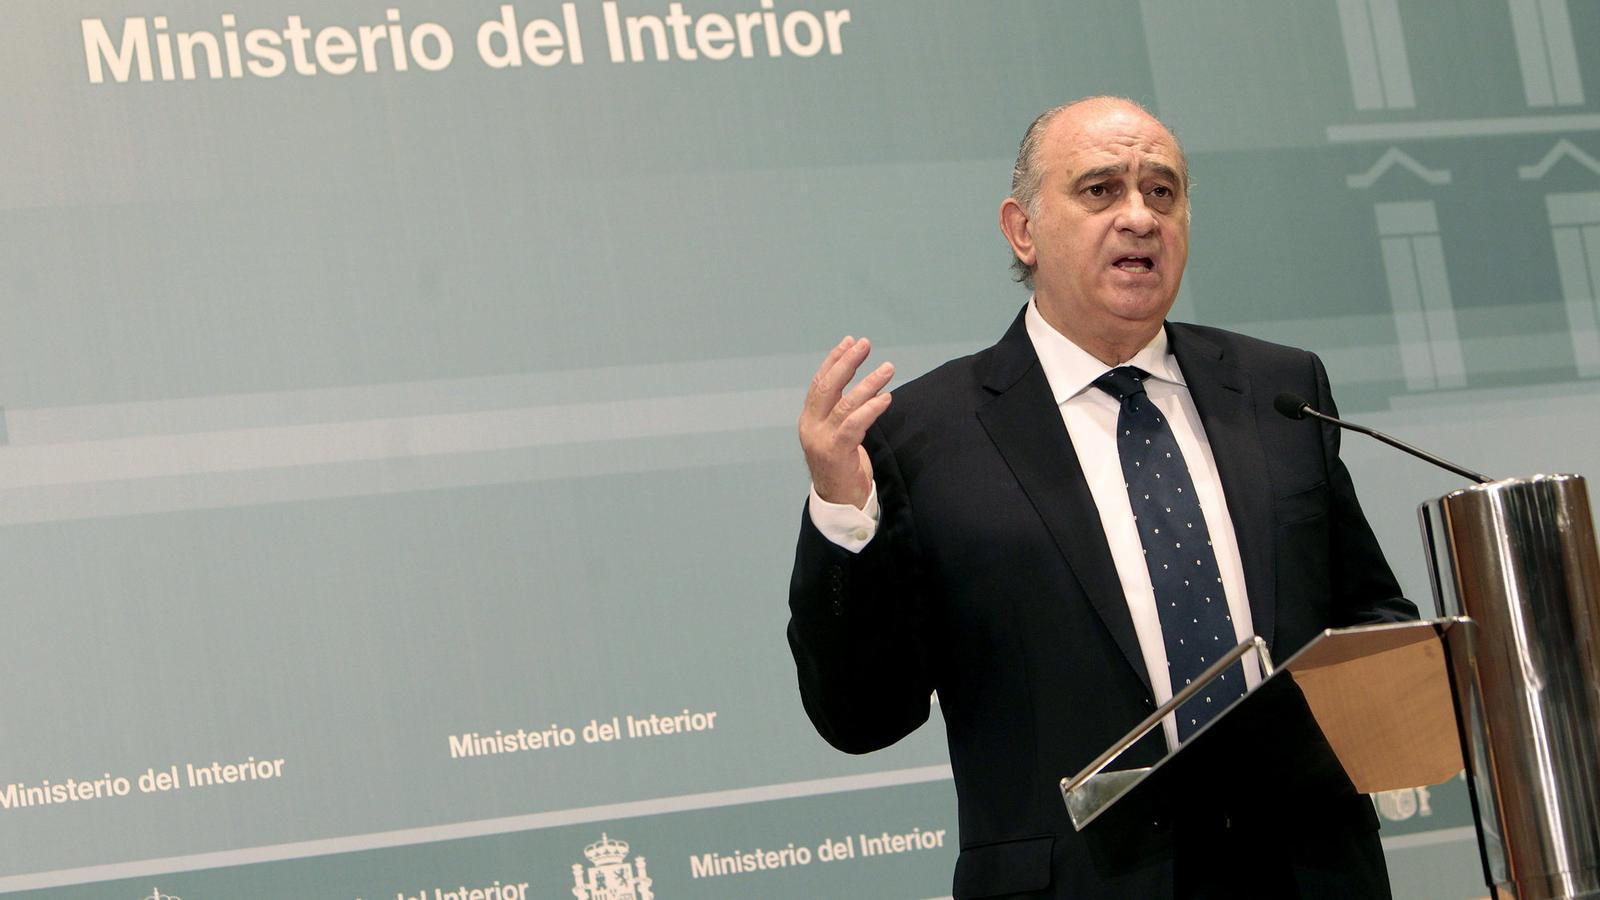 Fern ndez d az amena a bildu amb la il legalitzaci for Ministre interior